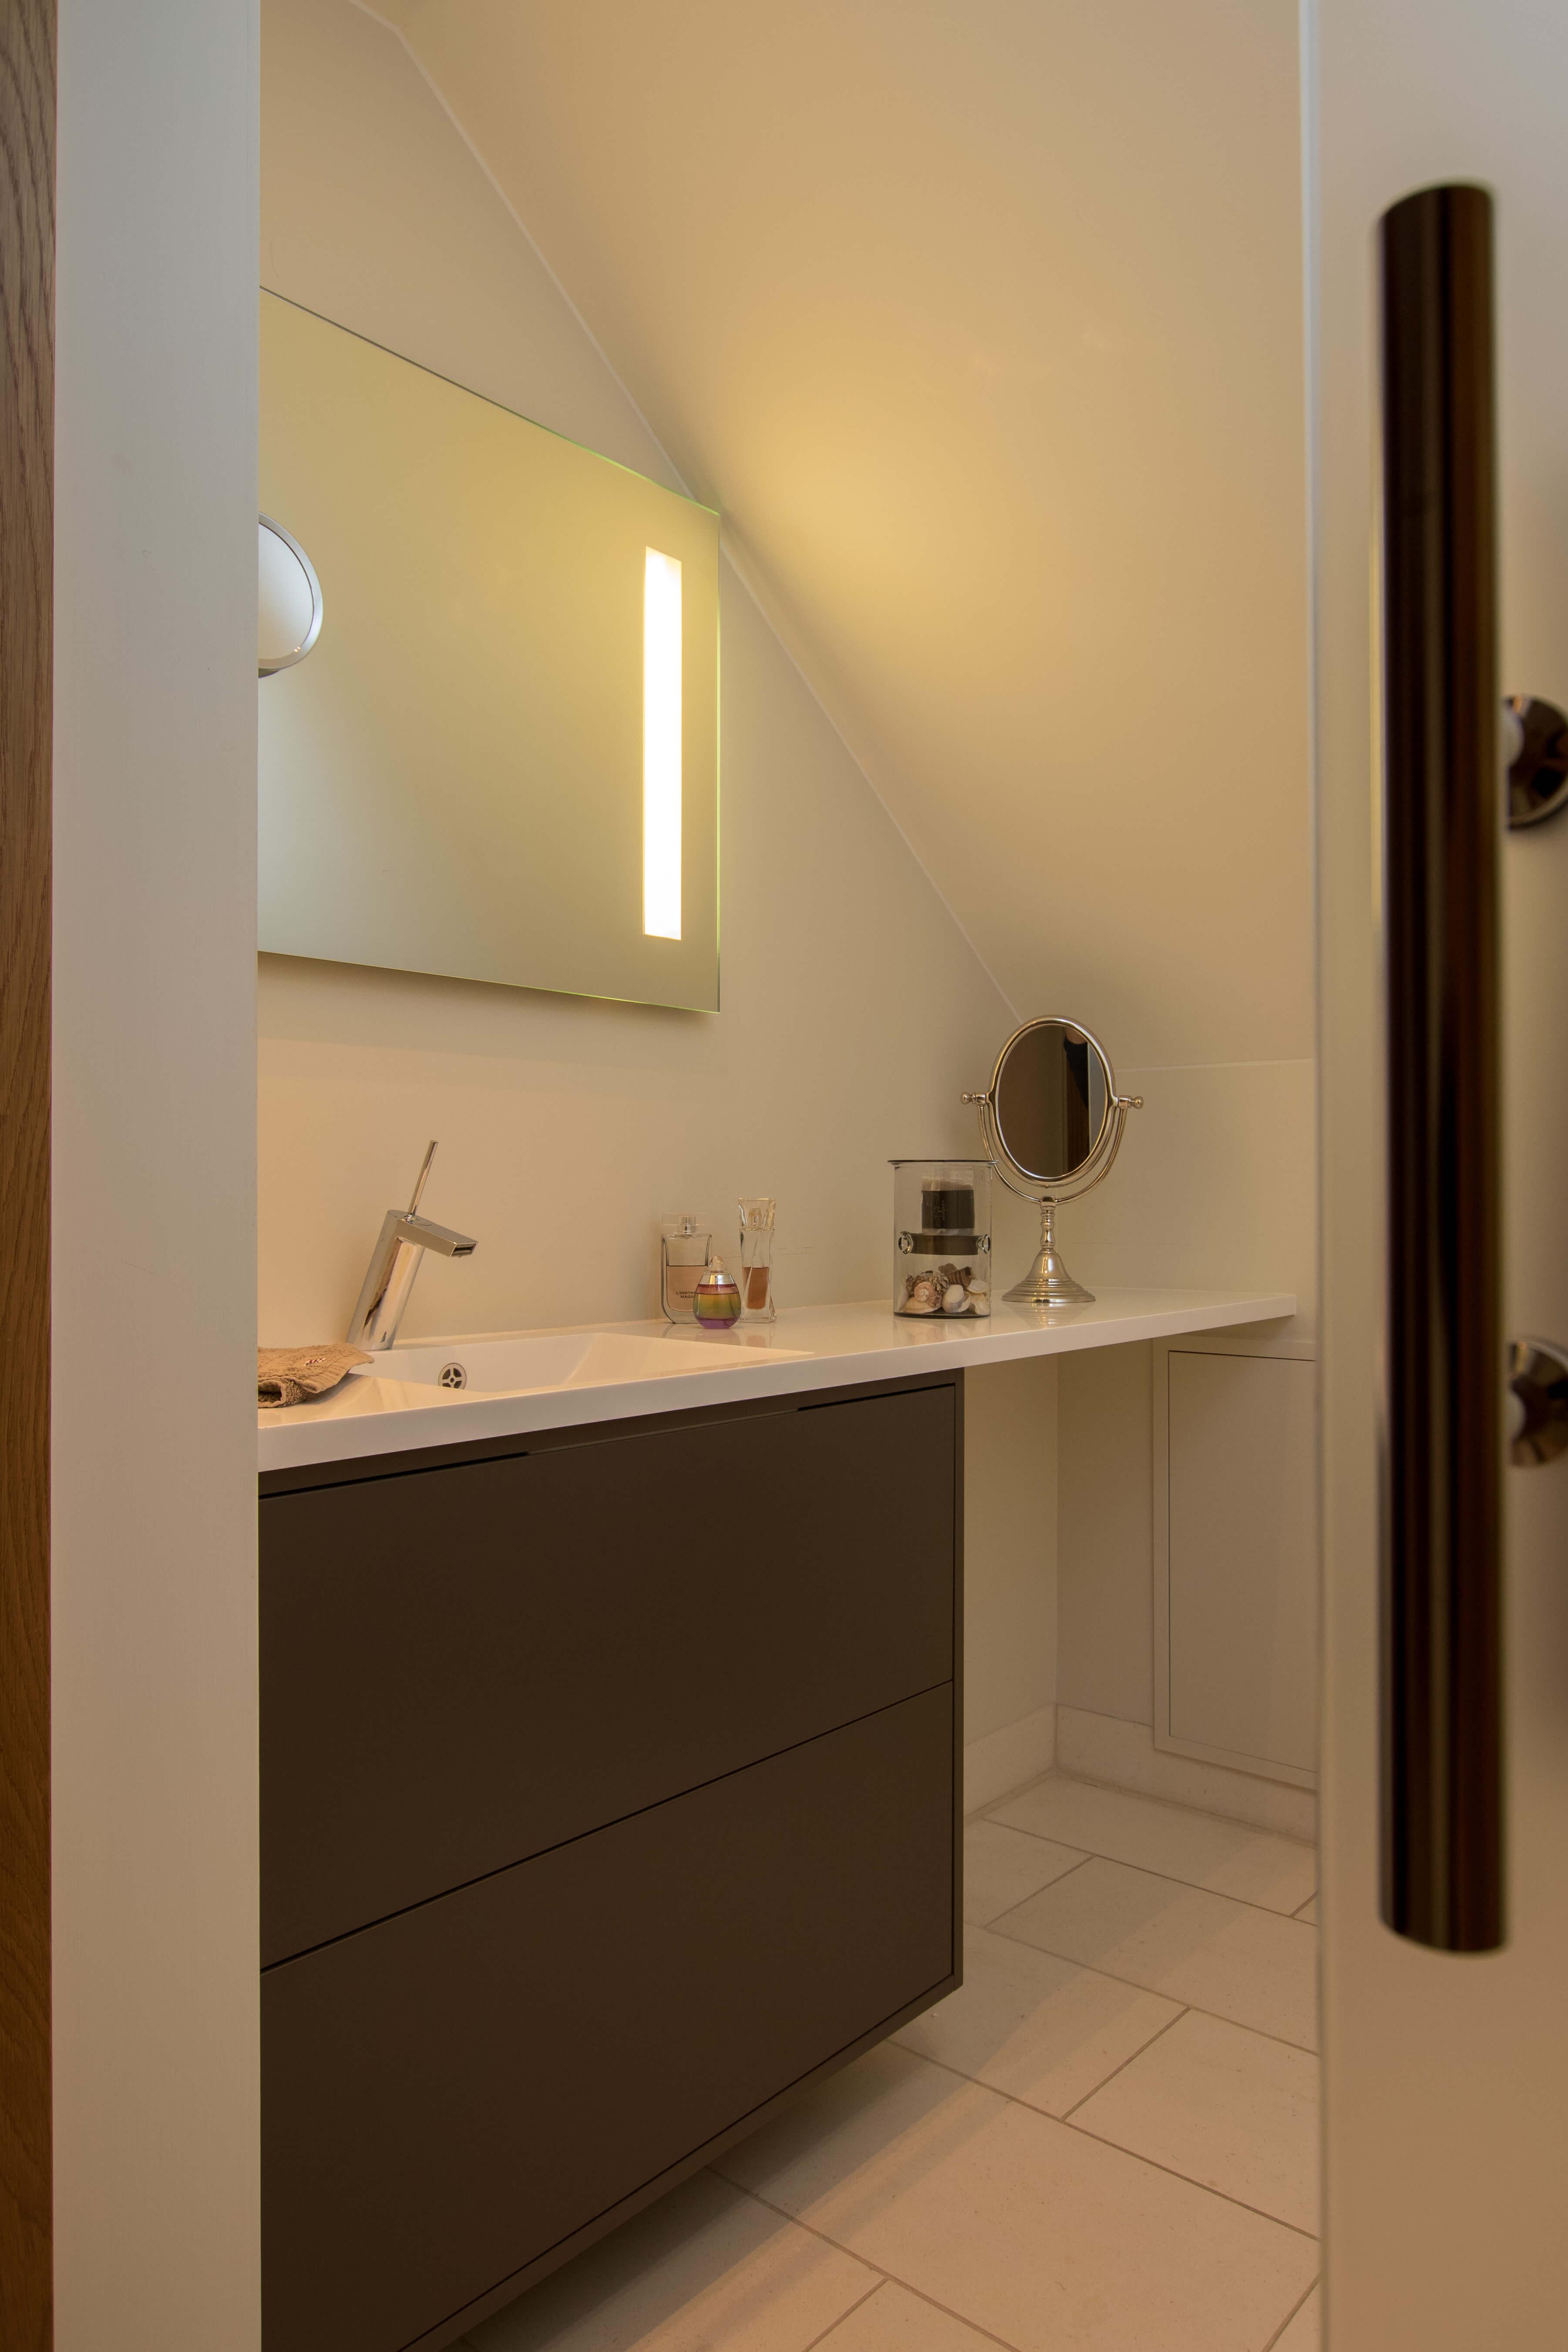 Modern bathroom with stylish details.